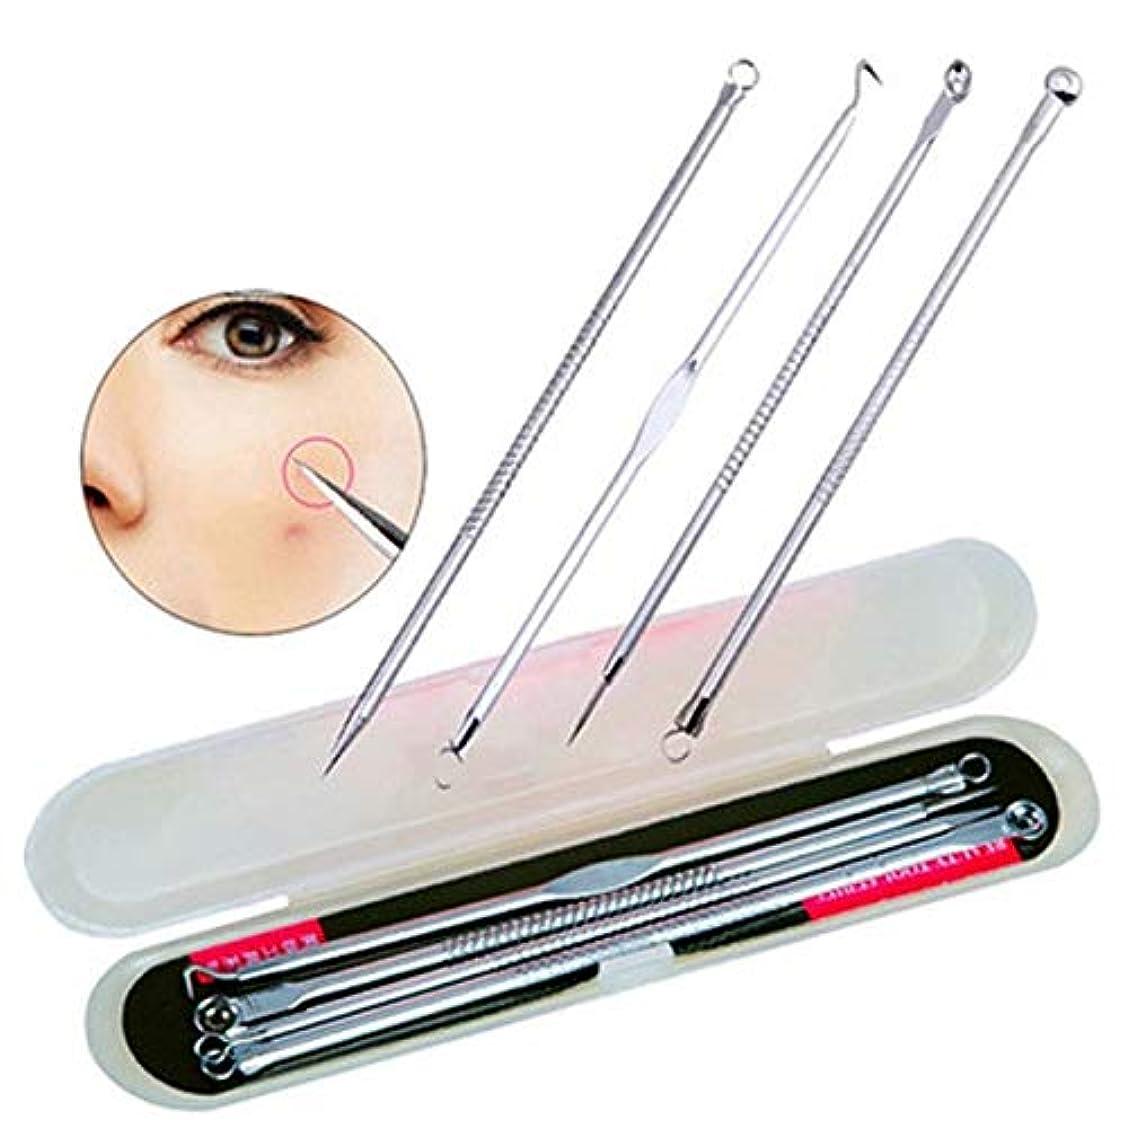 もろい石鹸ビジュアル4PCS Blackhead Extractor Black Dots Pimple Cleaner Acne Blemish Remover Needles Set Black Spots Pore Point Noir...